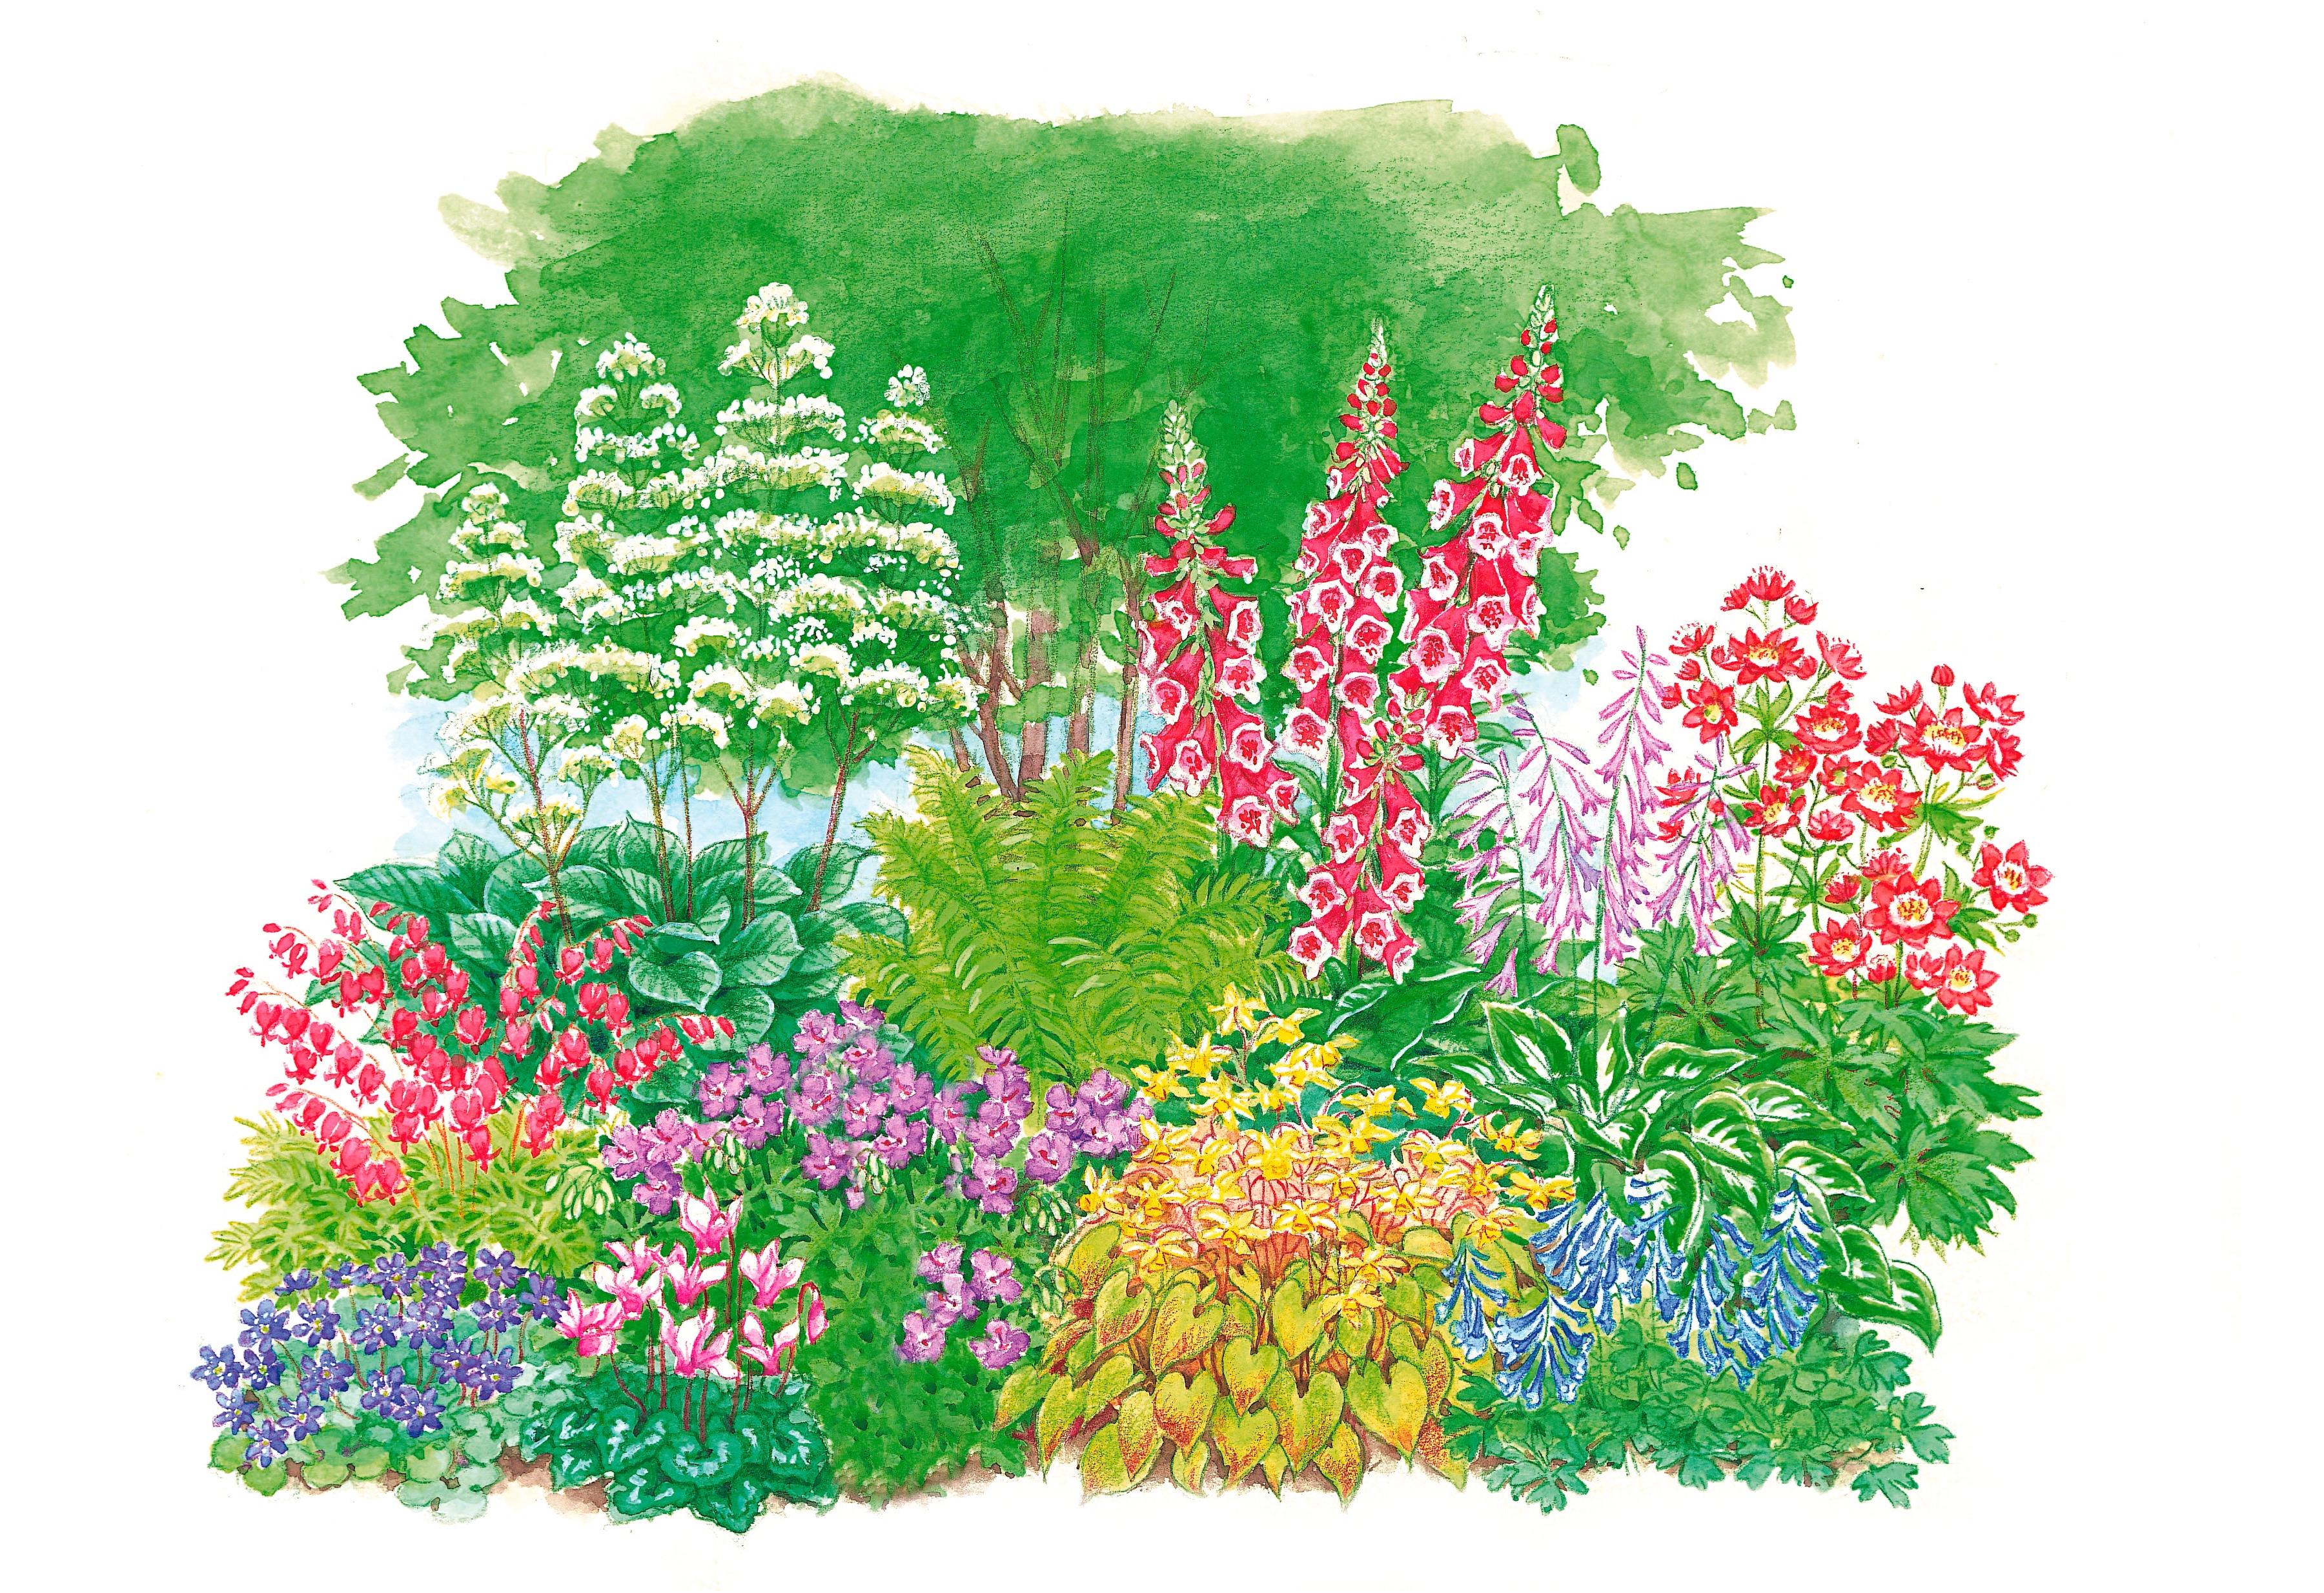 BCM Beetpflanze Schattenpflanzen, 11 Pflanzen TOPSELLER bunt Beetpflanzen Garten Balkon